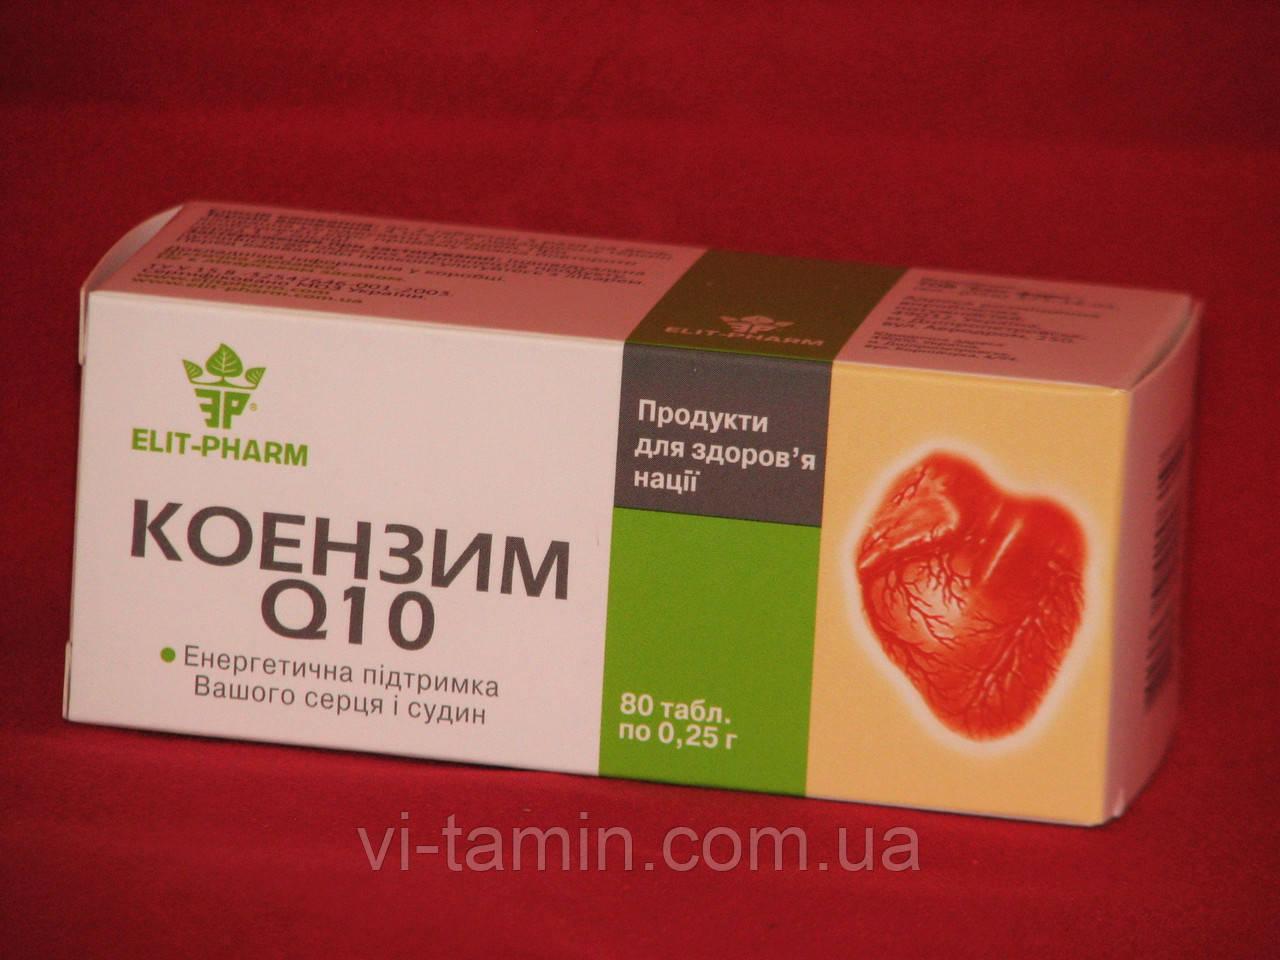 Отзыв: янтарная кислота элит-фарм - универсальное и недорогое средство от усталости и для кожи лица